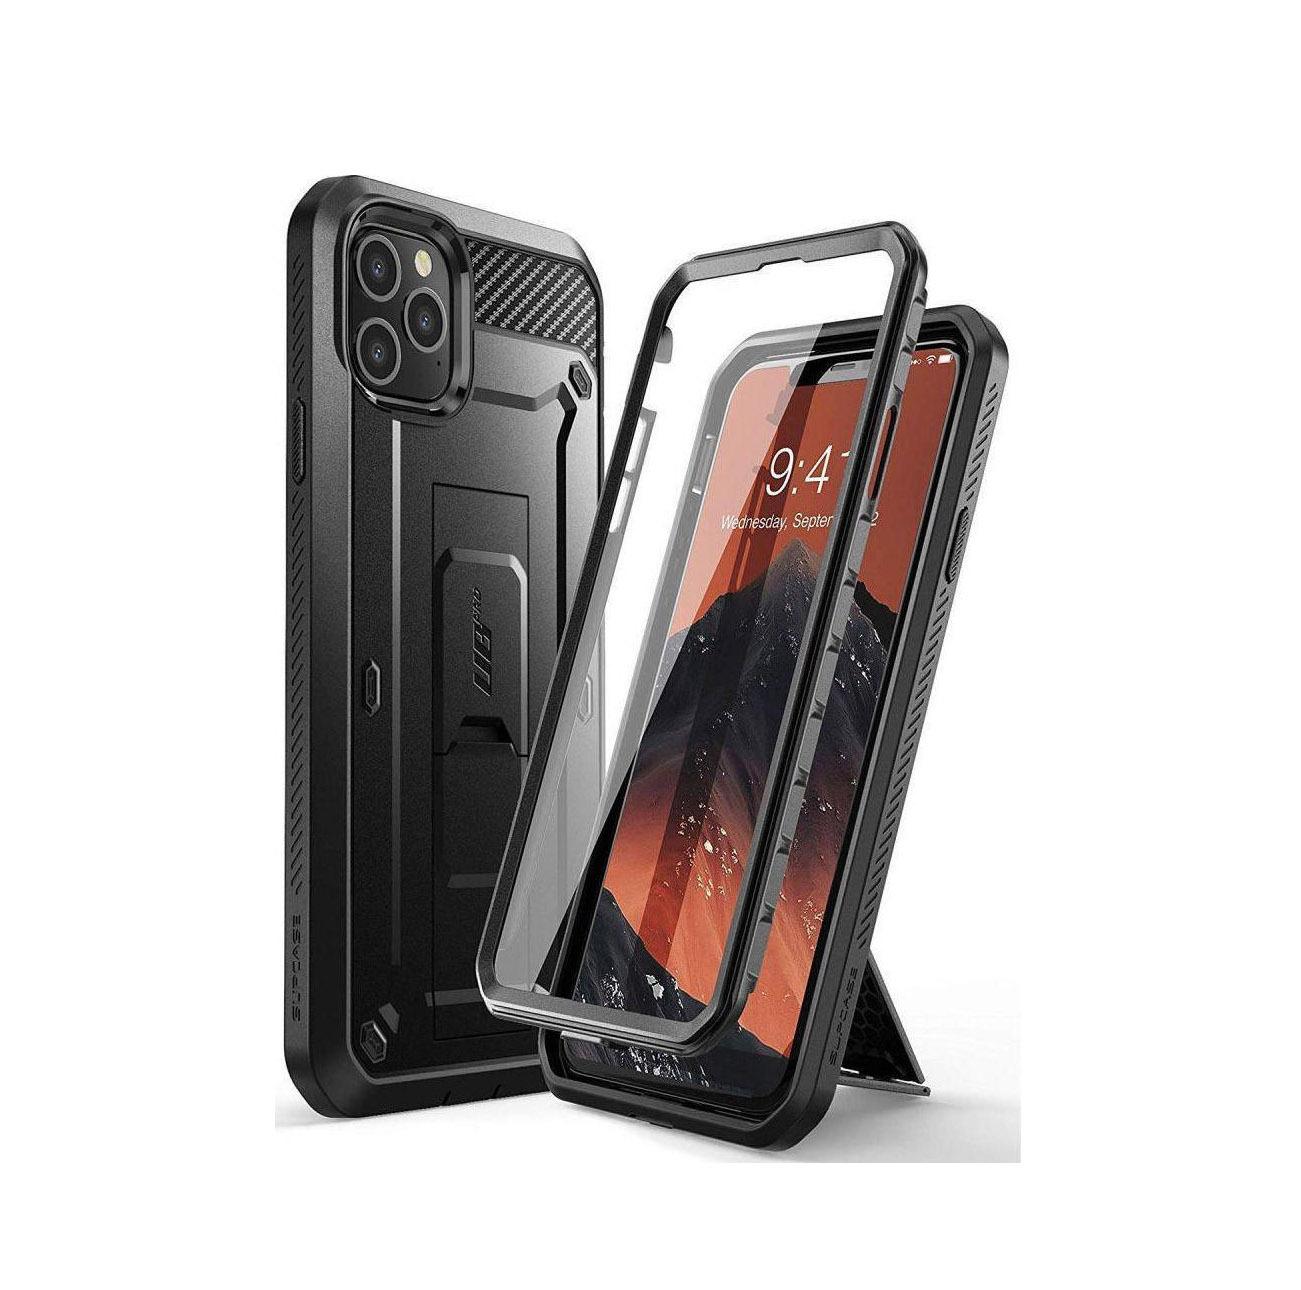 Θήκη Supcase Unicorn Beetle Pro για iPhone 11 Pro Black